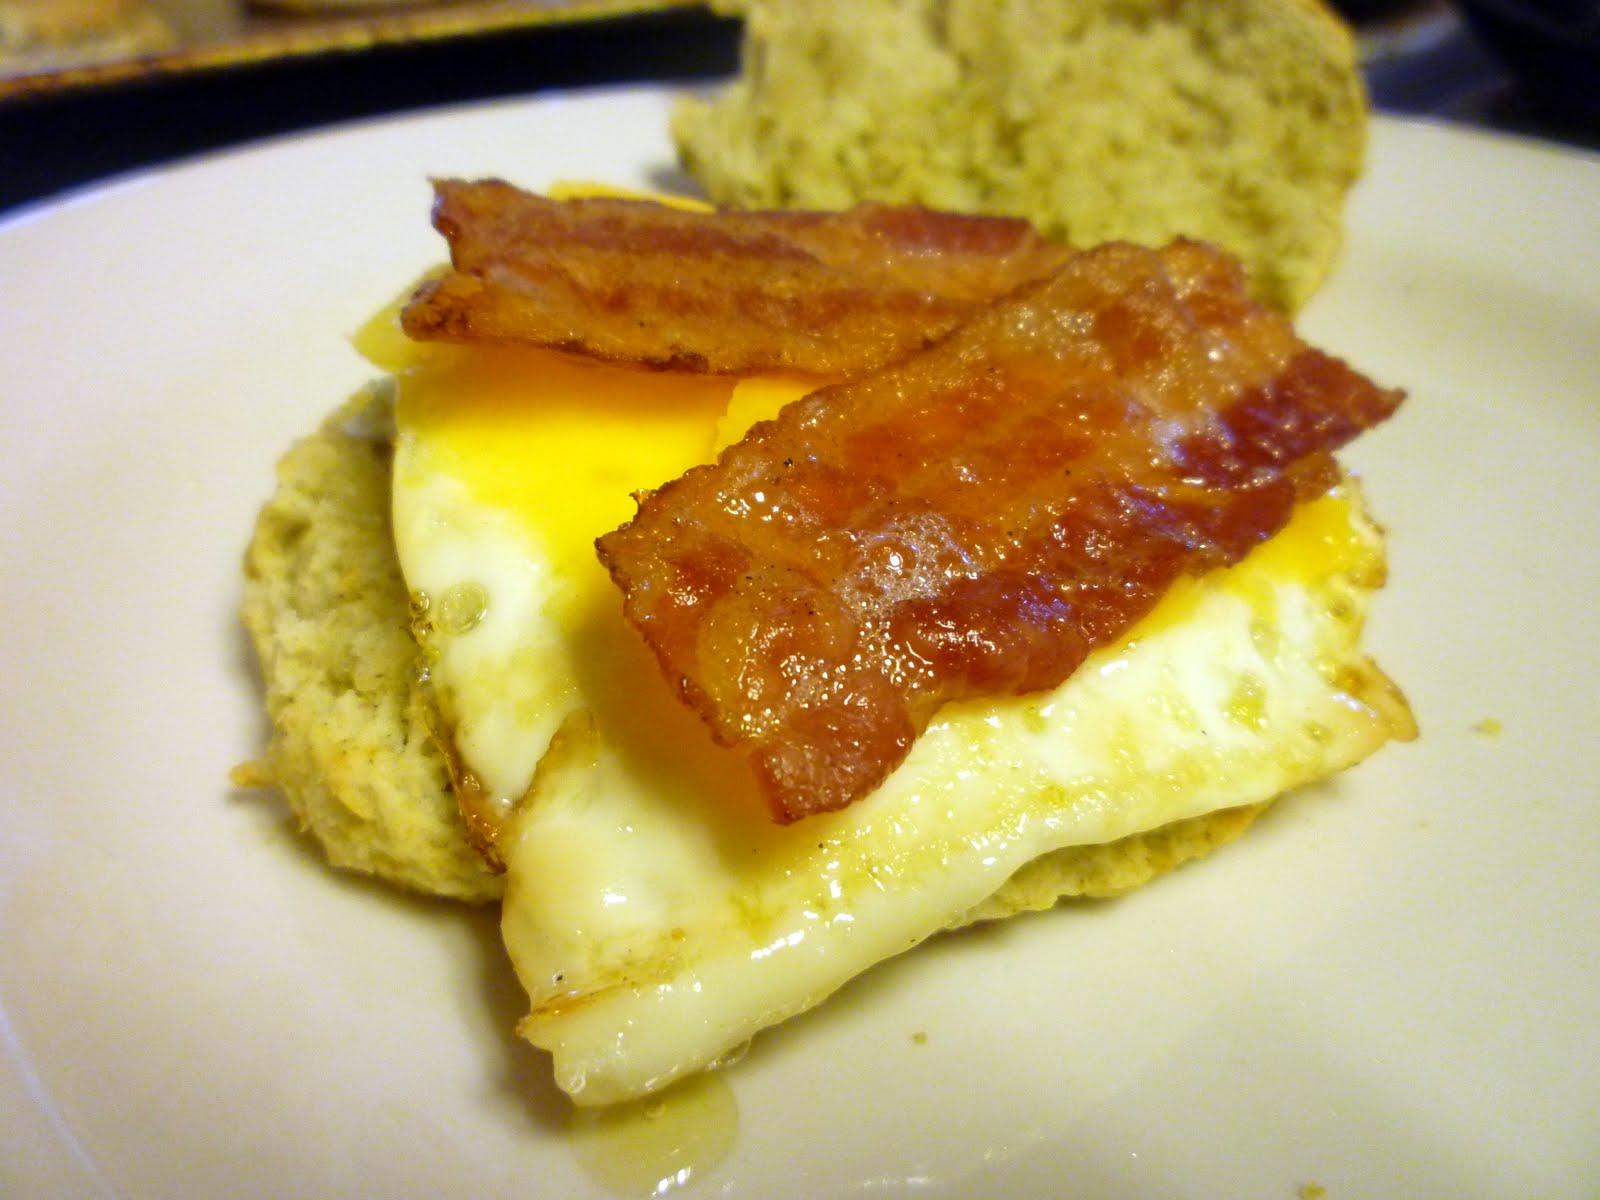 Weekend Brunch: Sage Biscuit Breakfast Sandwiches